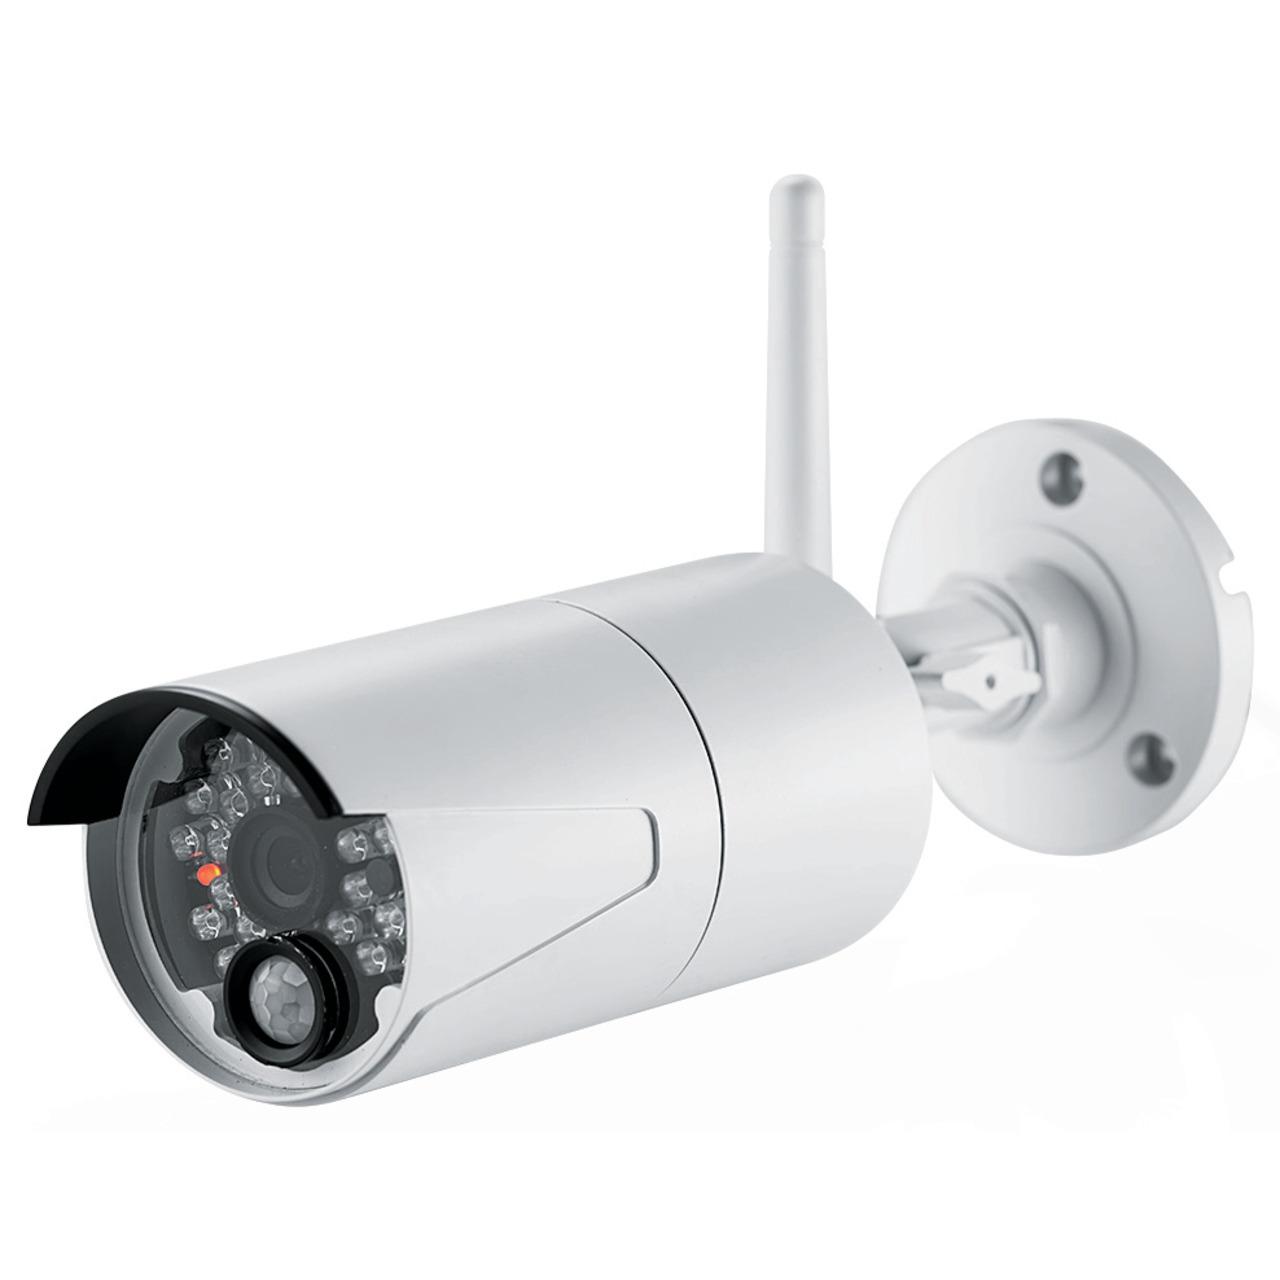 ELV Funk-Zusatzkamera zur Erweiterung der Kamerasysteme KS100 HD - KS200 HD- 2-4 GHz- HD (720p)